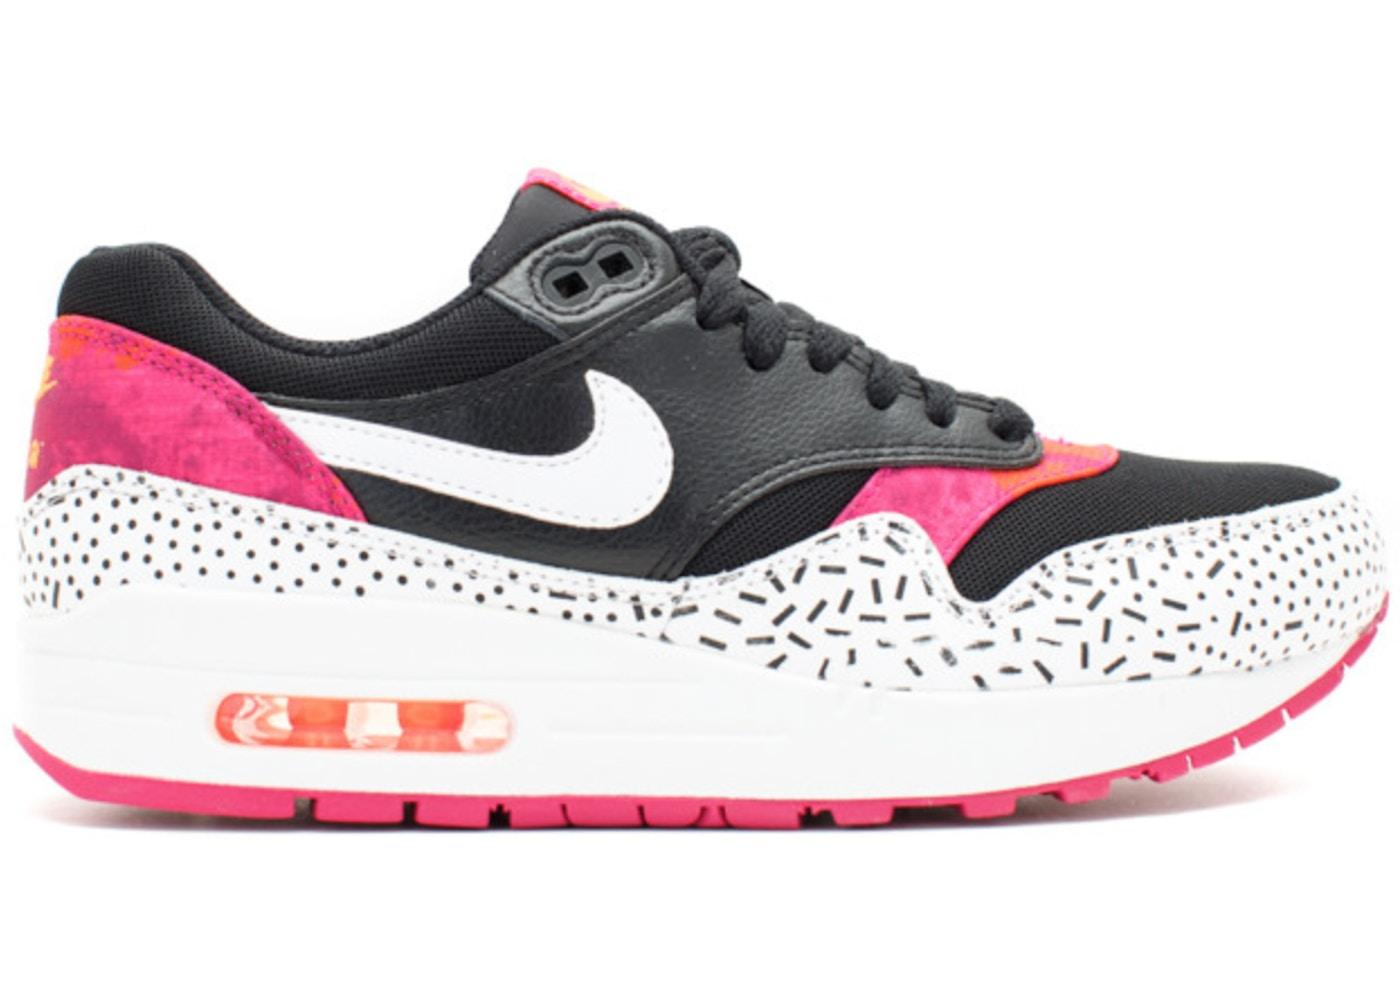 13f44b0dffae Air Max 1 Pink Pow Fireberry - 528898-002